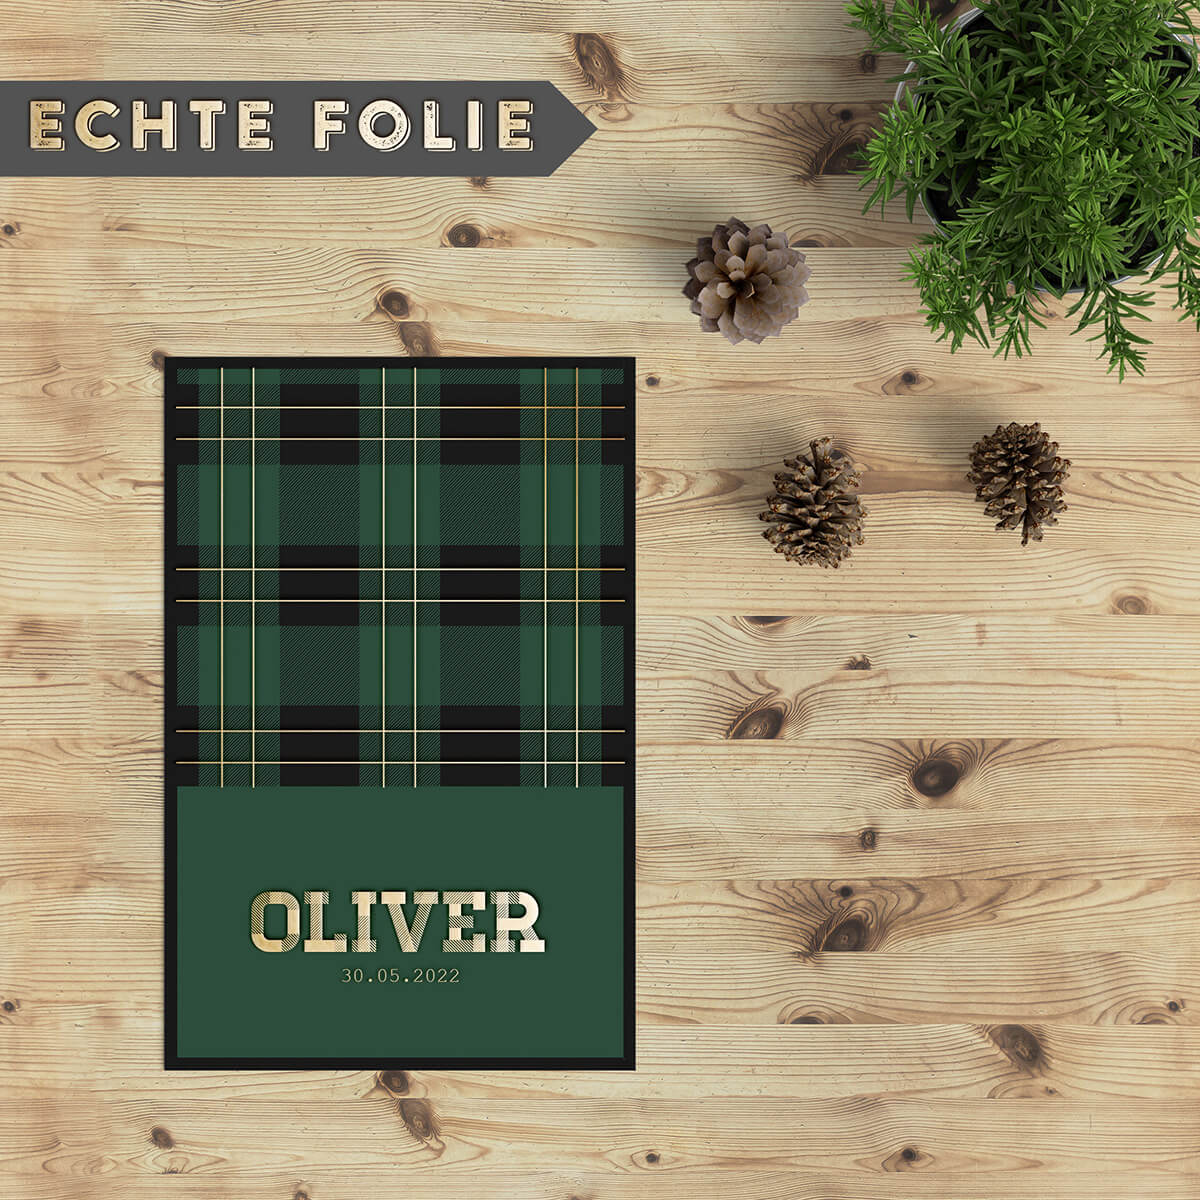 Geboortekaartje Tartan Patroon is geïnspireerd door de geruite stof waar Schotse kilts van worden gemaakt. Mooie goudfolie details geven extra dimensie.